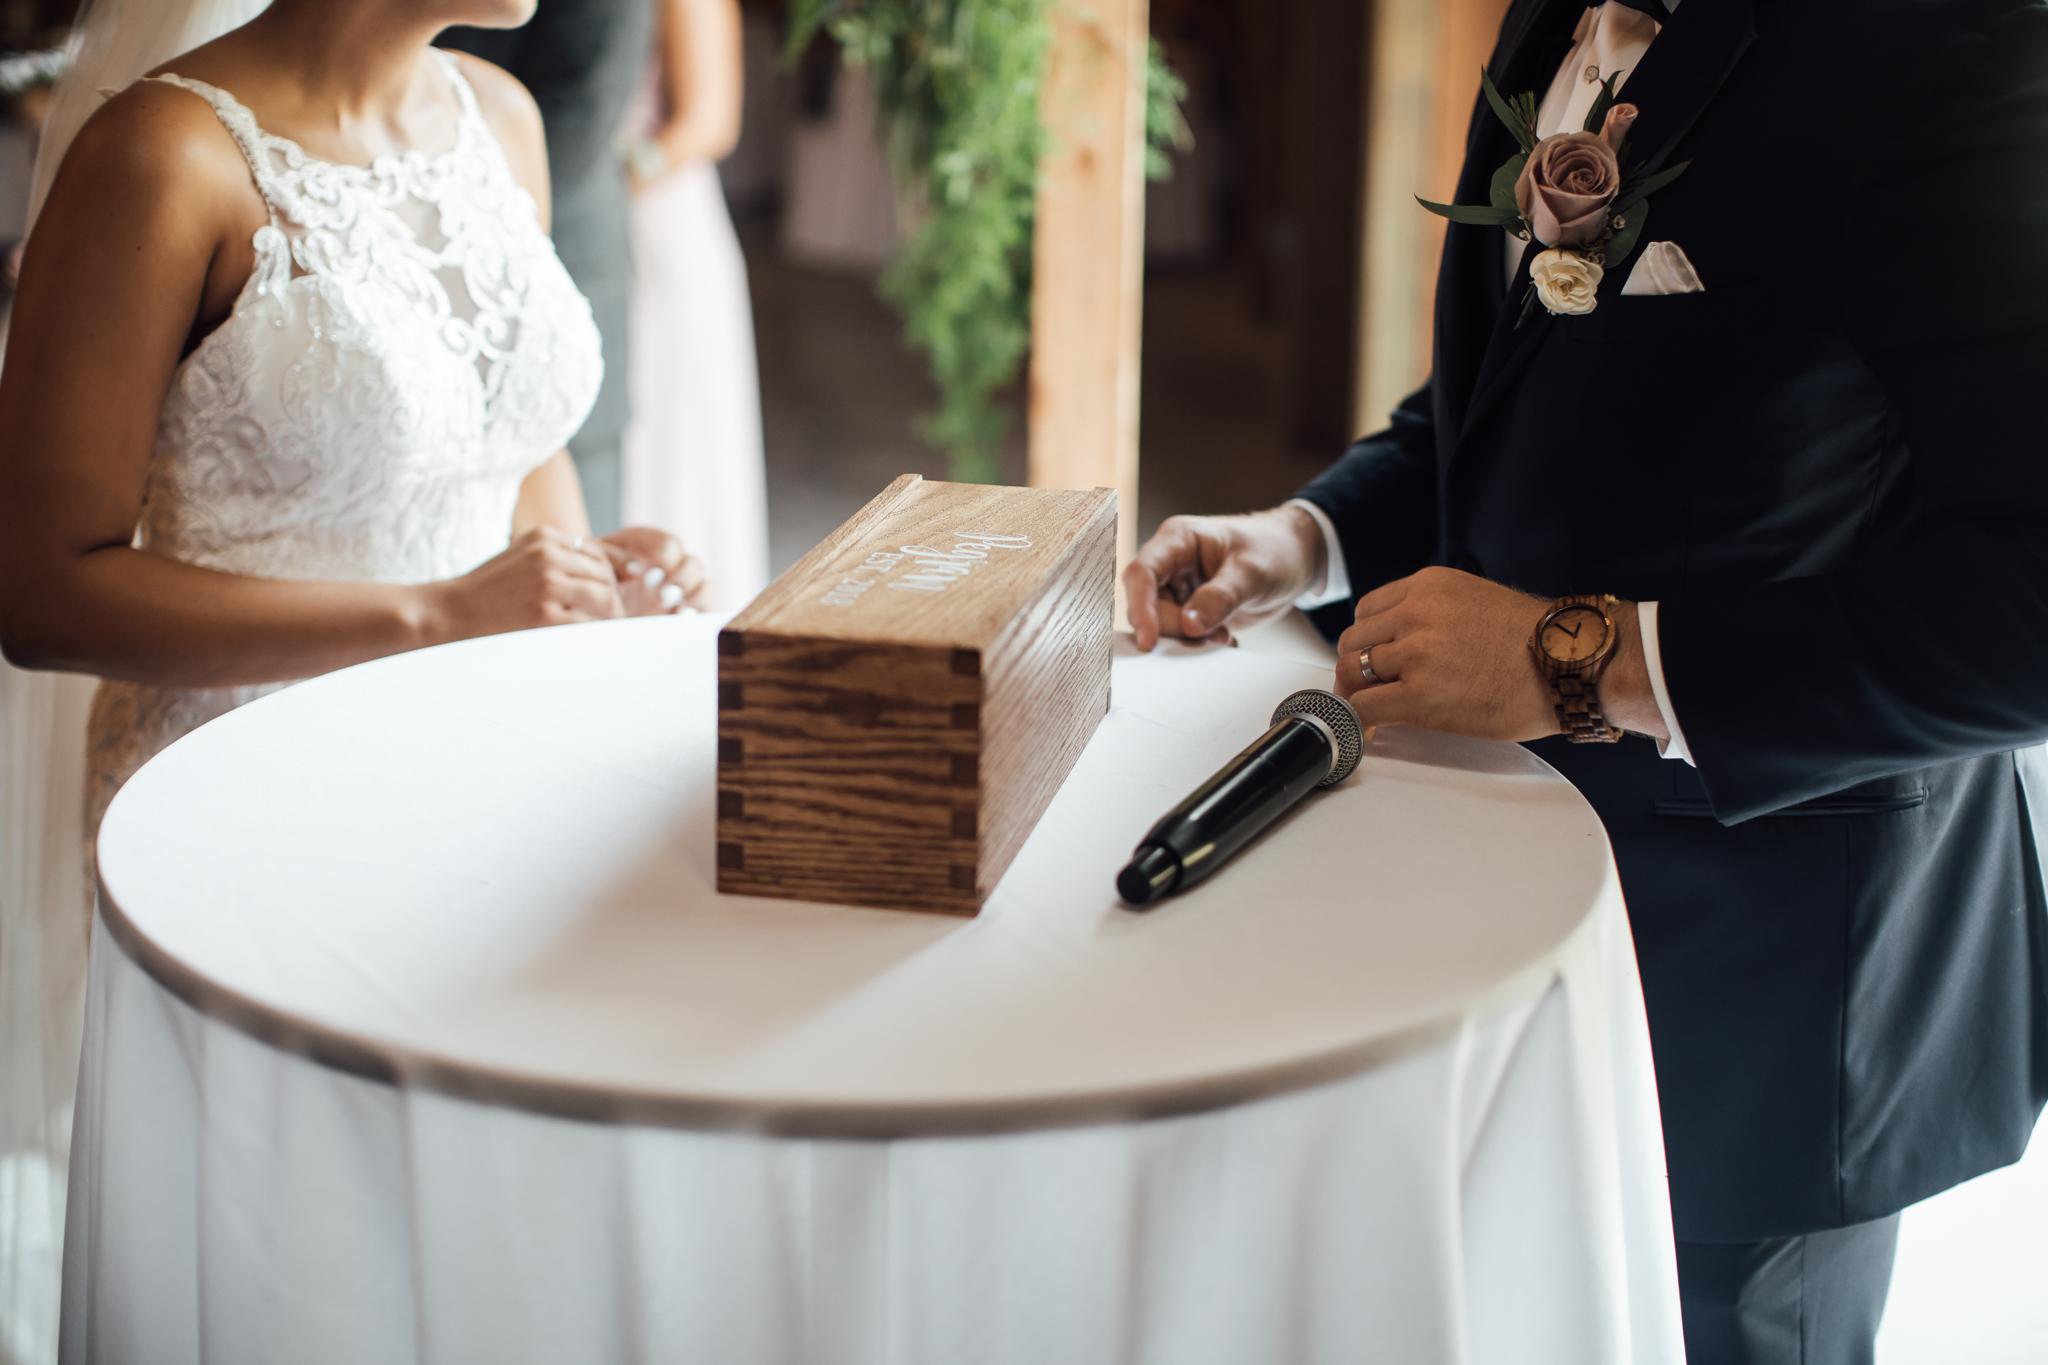 saddlewoodsfarms-nashville-wedding-photographer-thewarmtharoundyou-rustic-wedding (39 of 251).jpg